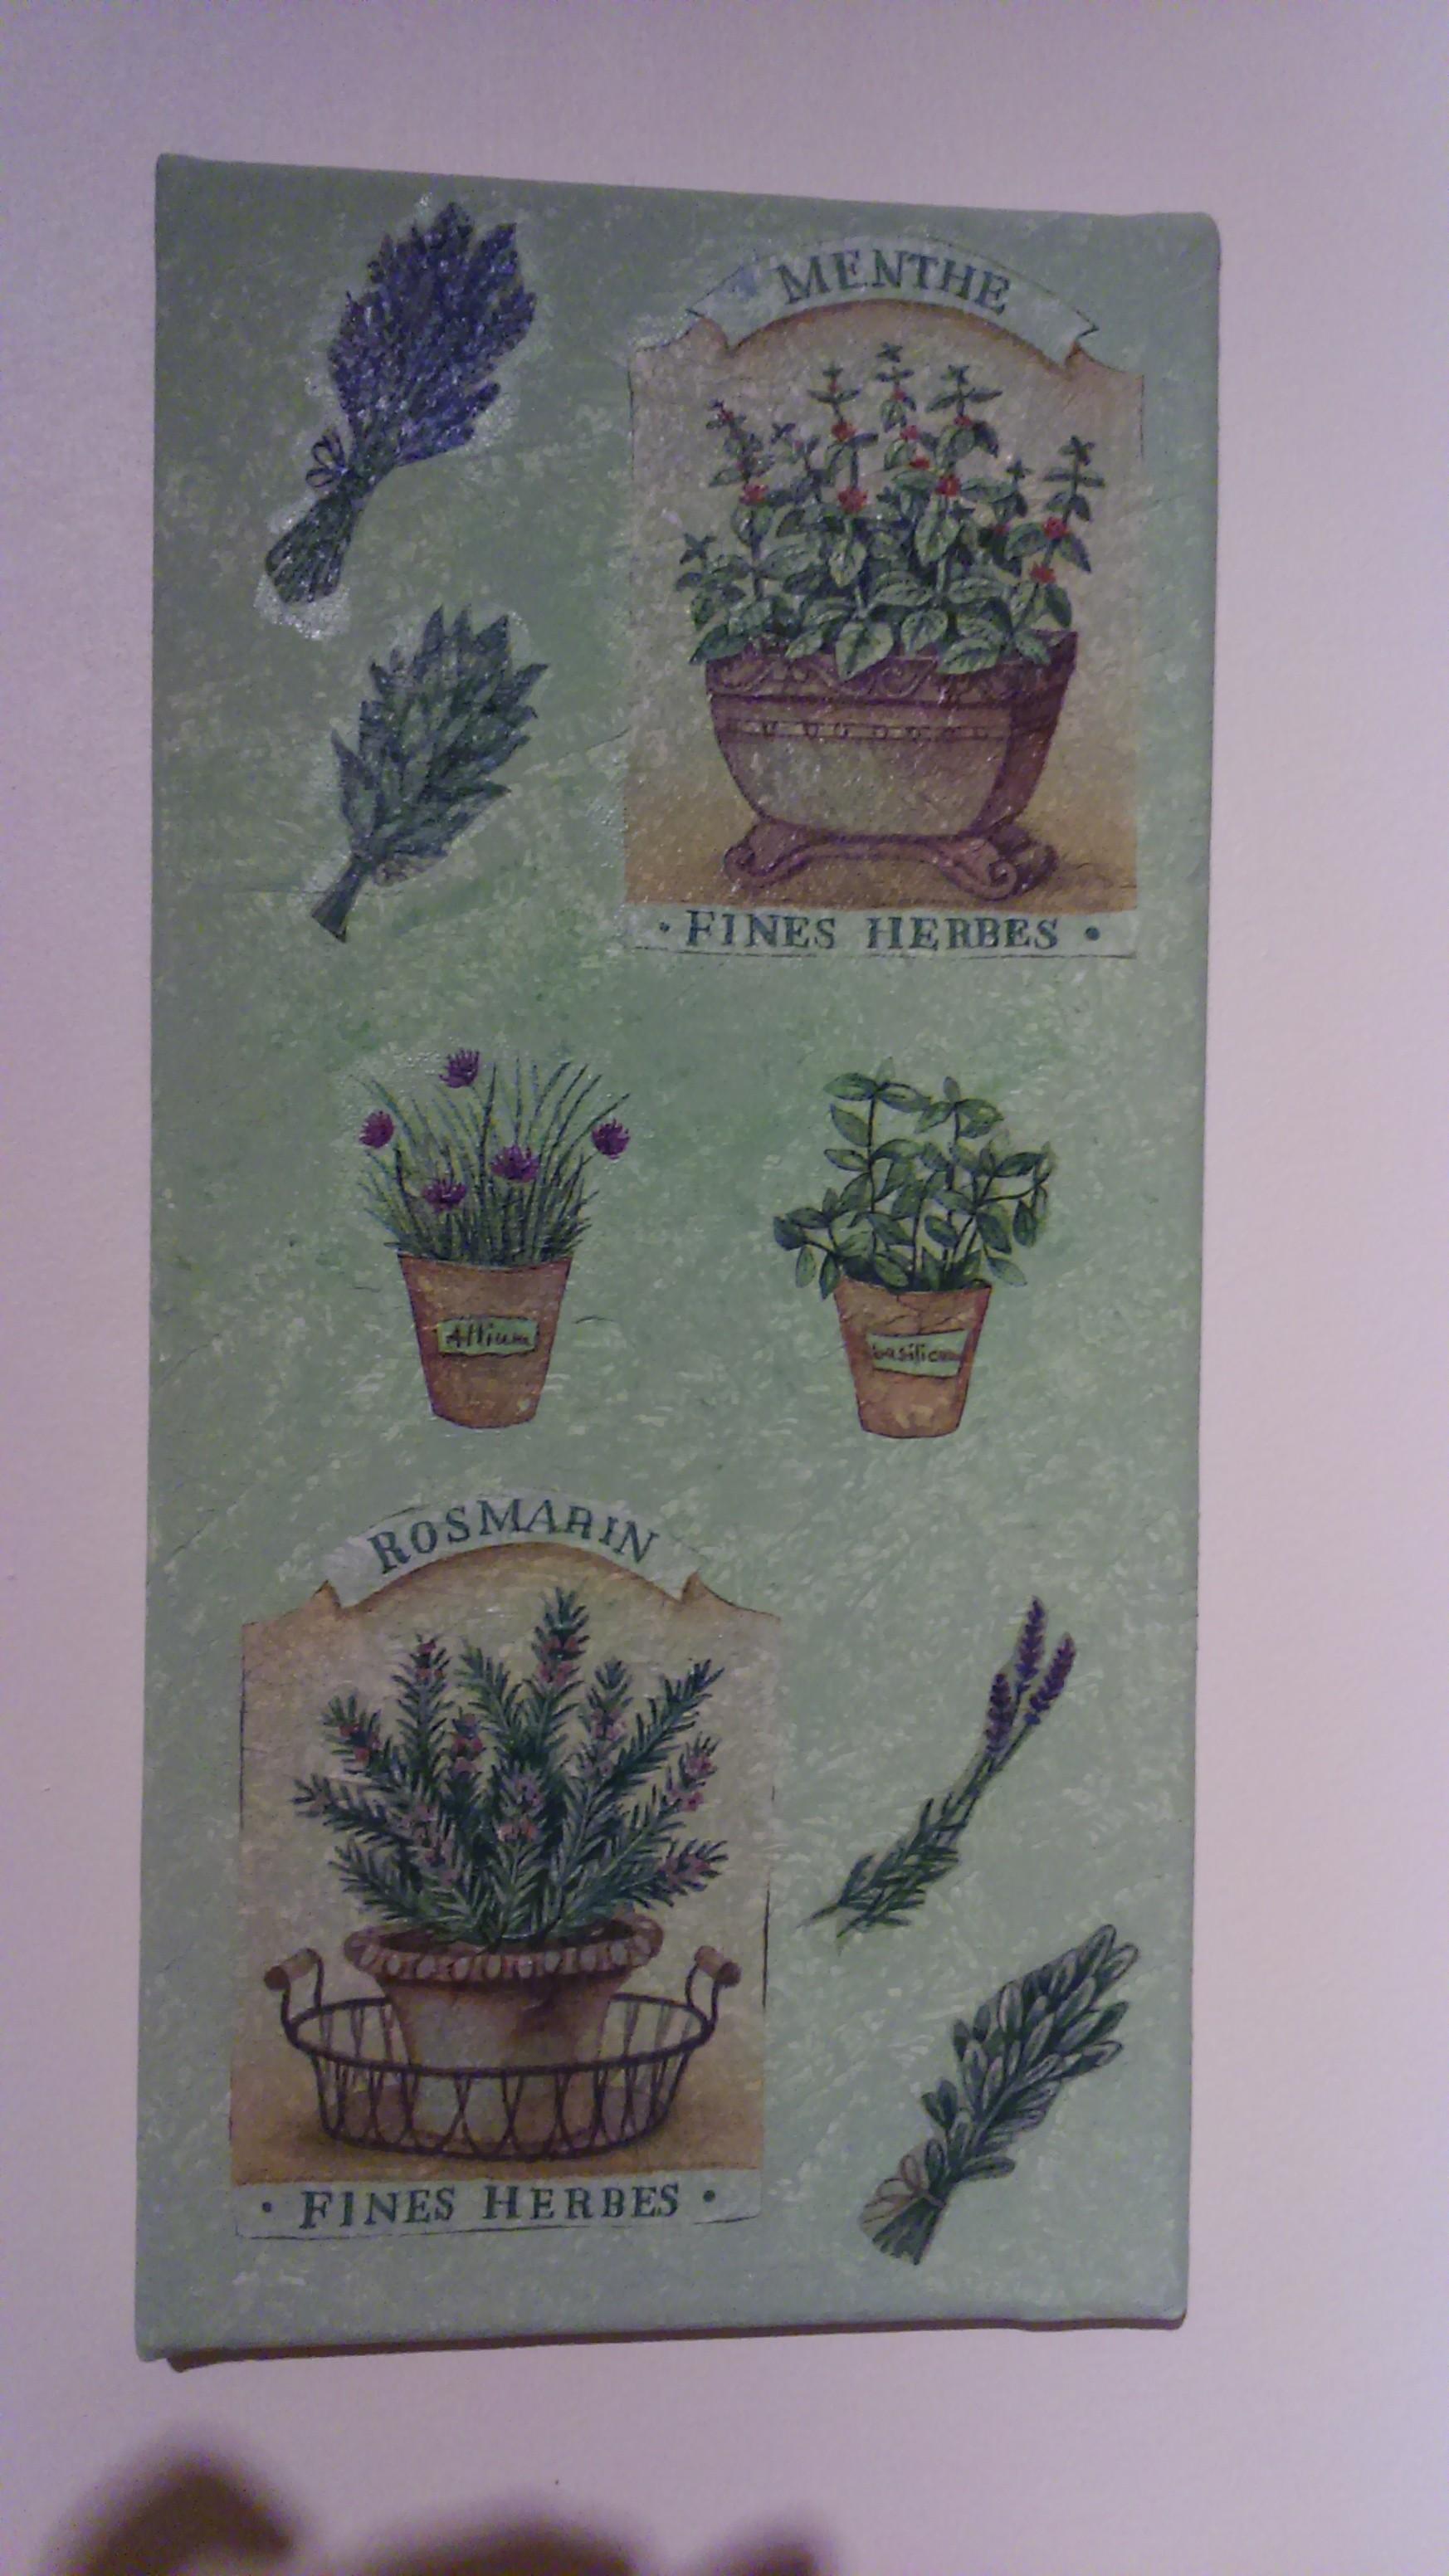 Tableaux pour cuisine deco2sev - Herbes aromatiques cuisine liste ...